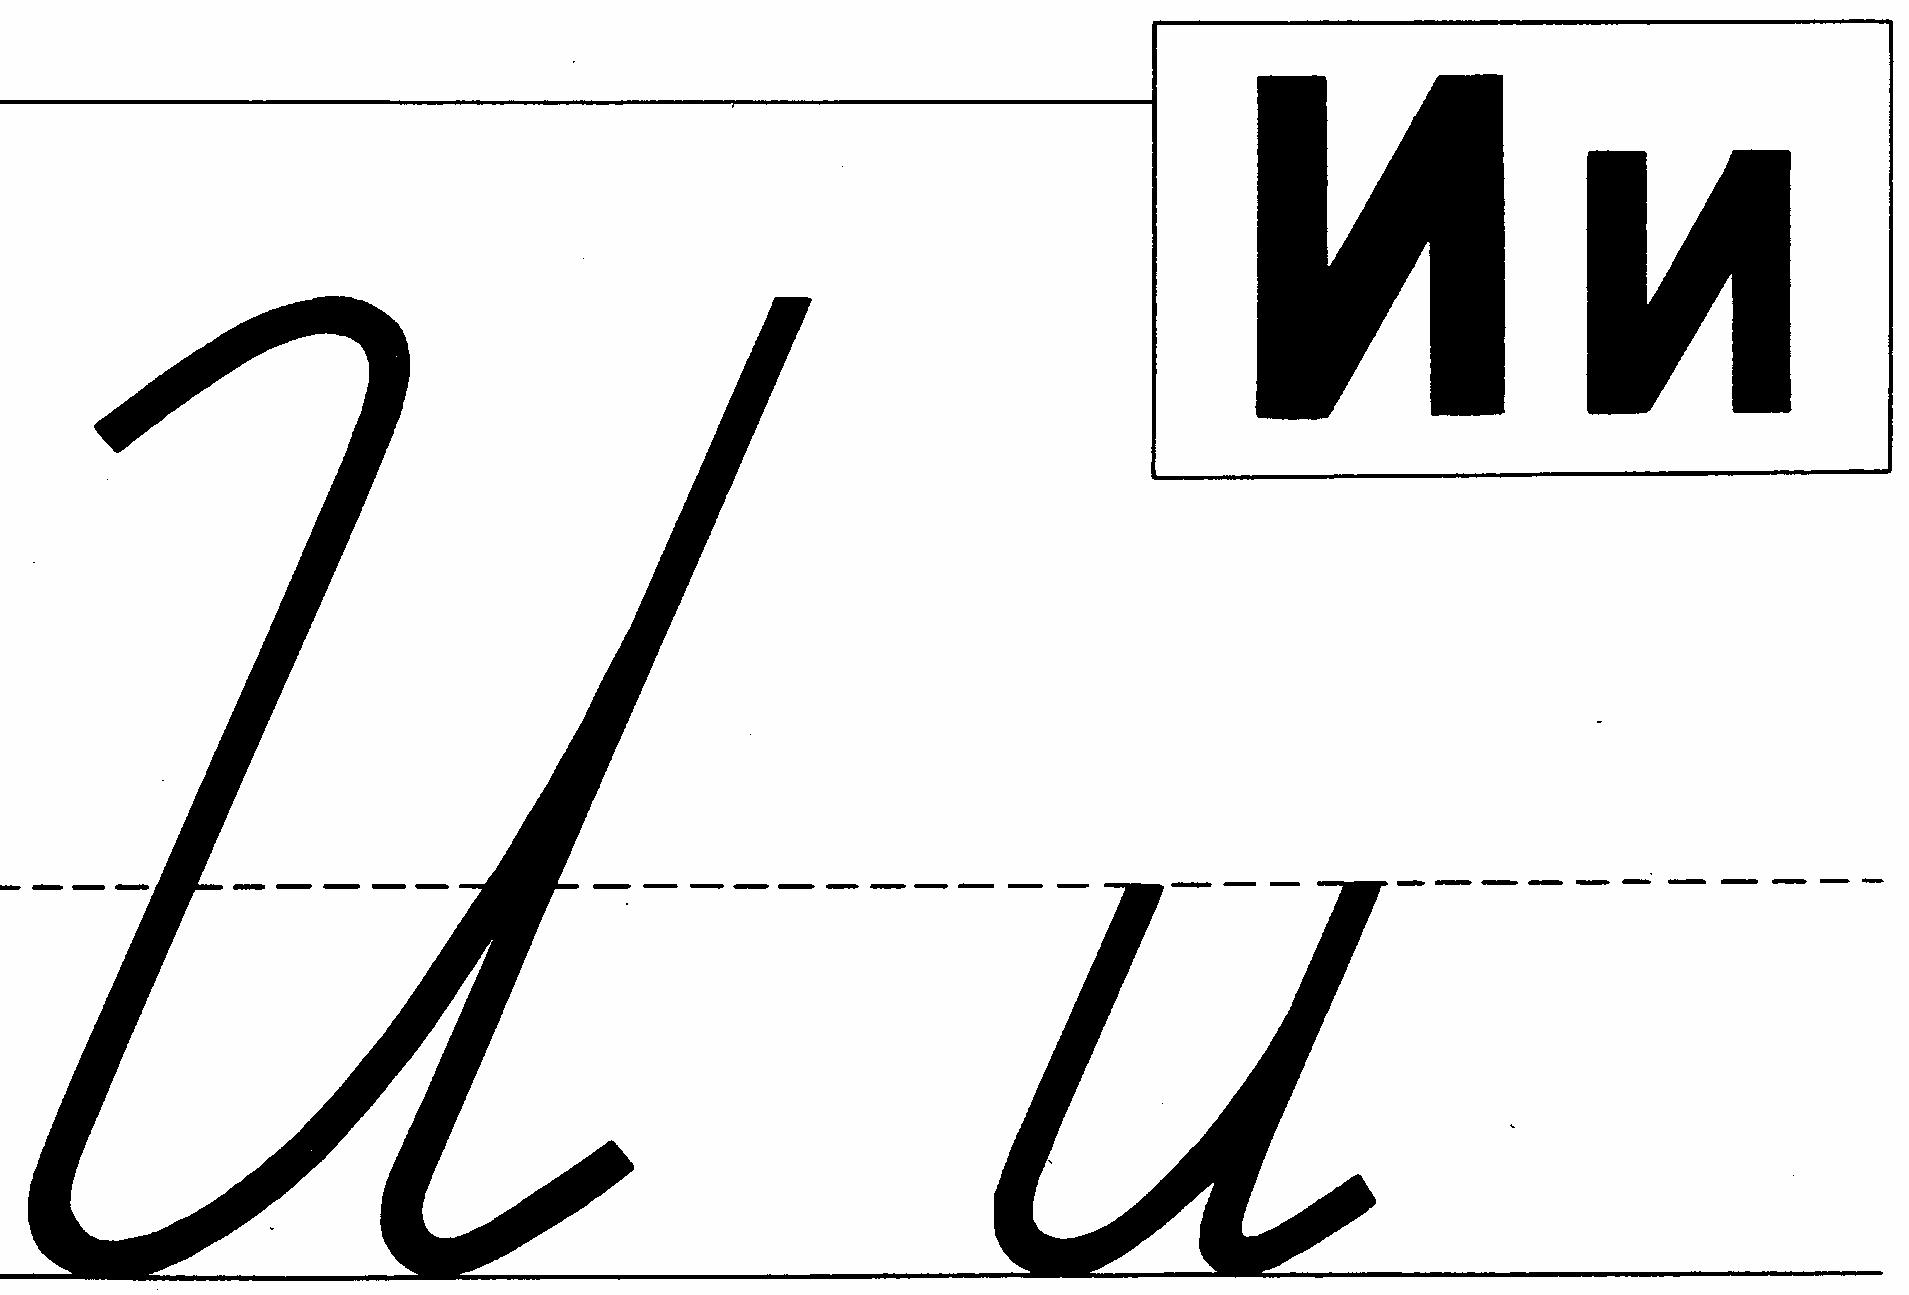 3B01A7D9